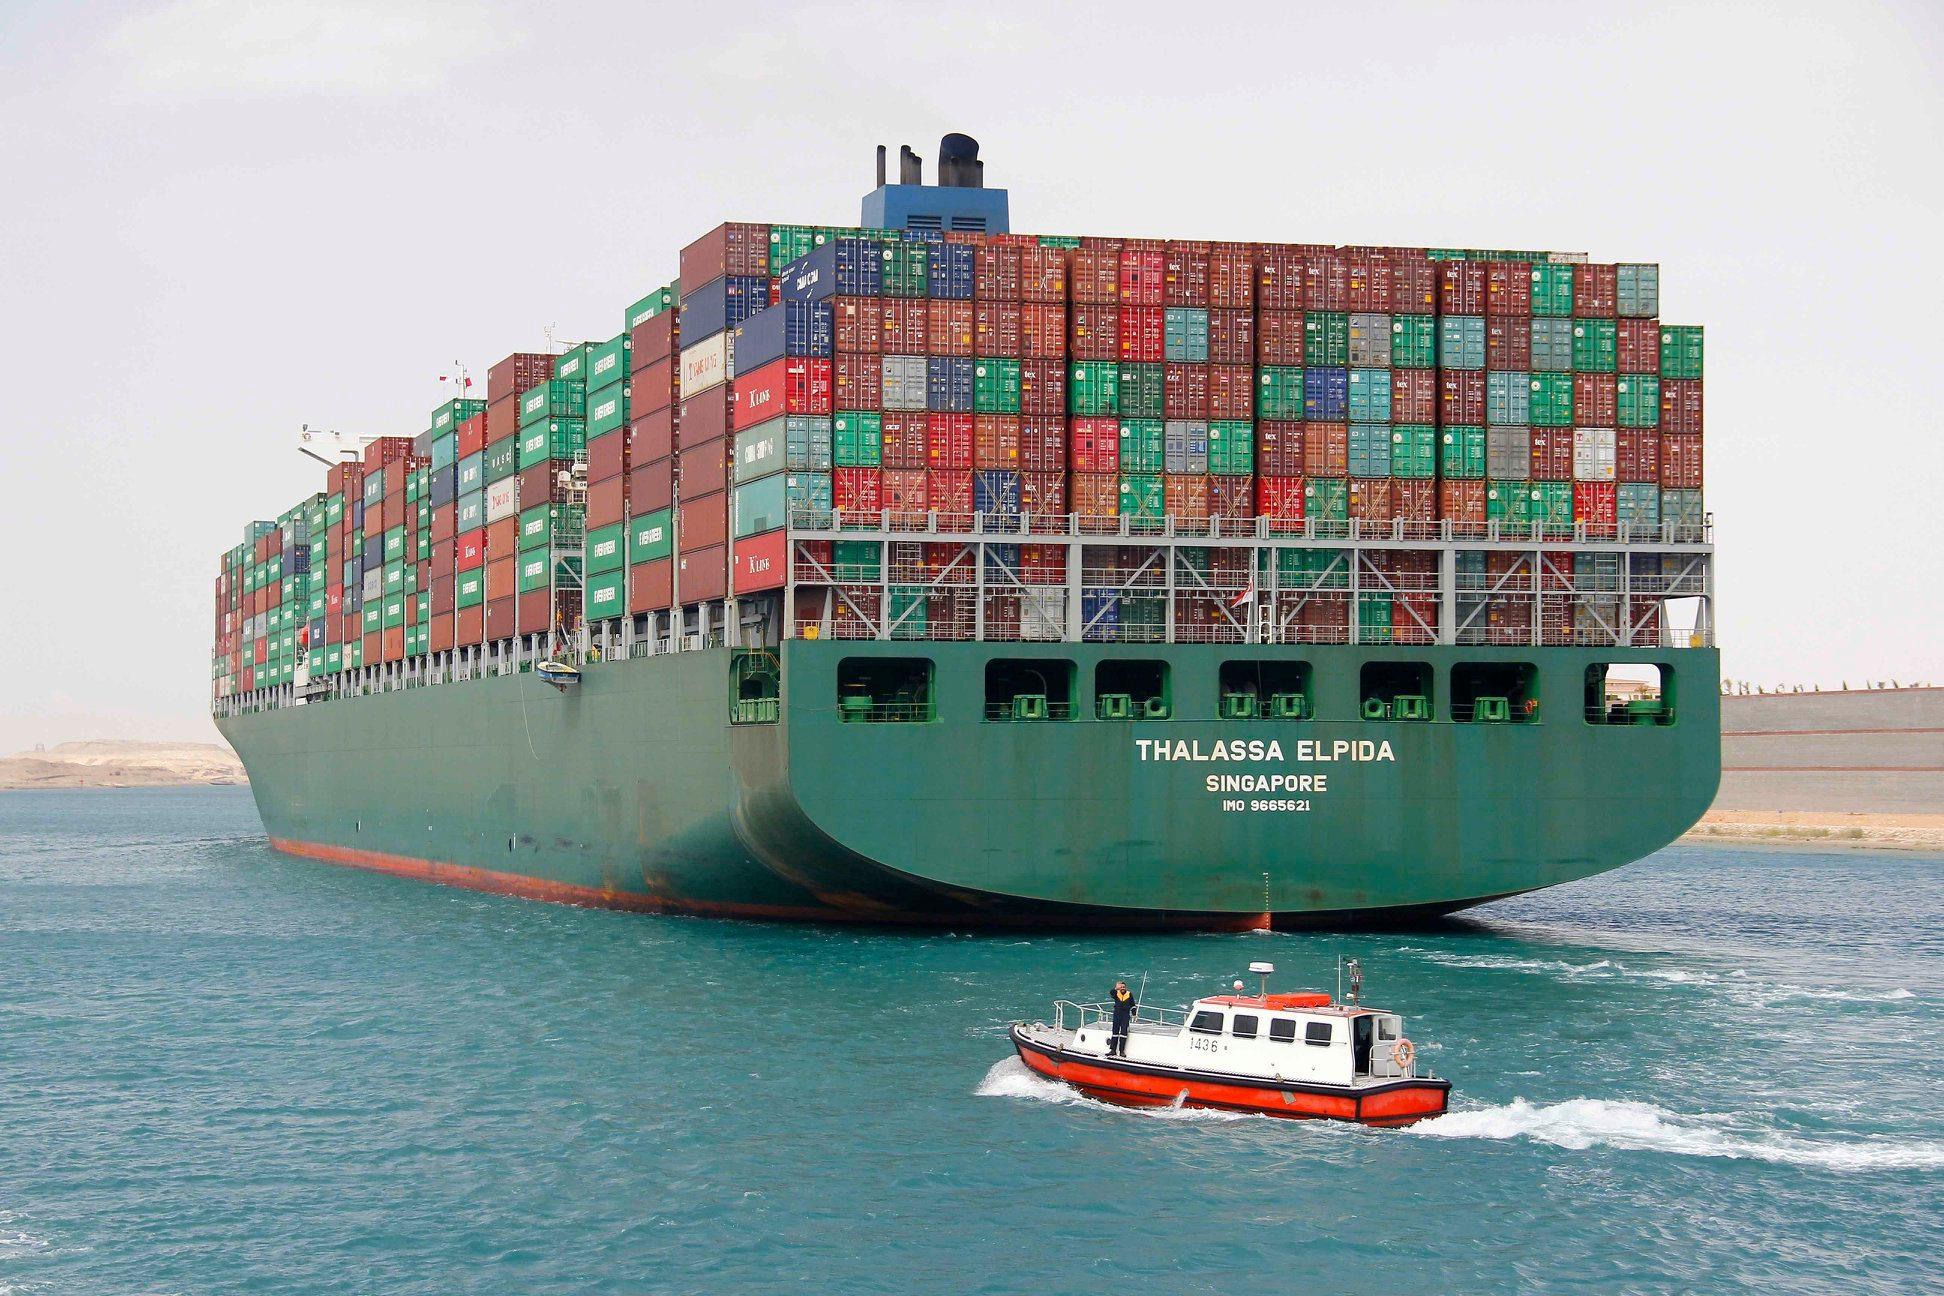 اليوم 26 سفينة إجمالى حركة تداول السفن بموانئ بورسعيد